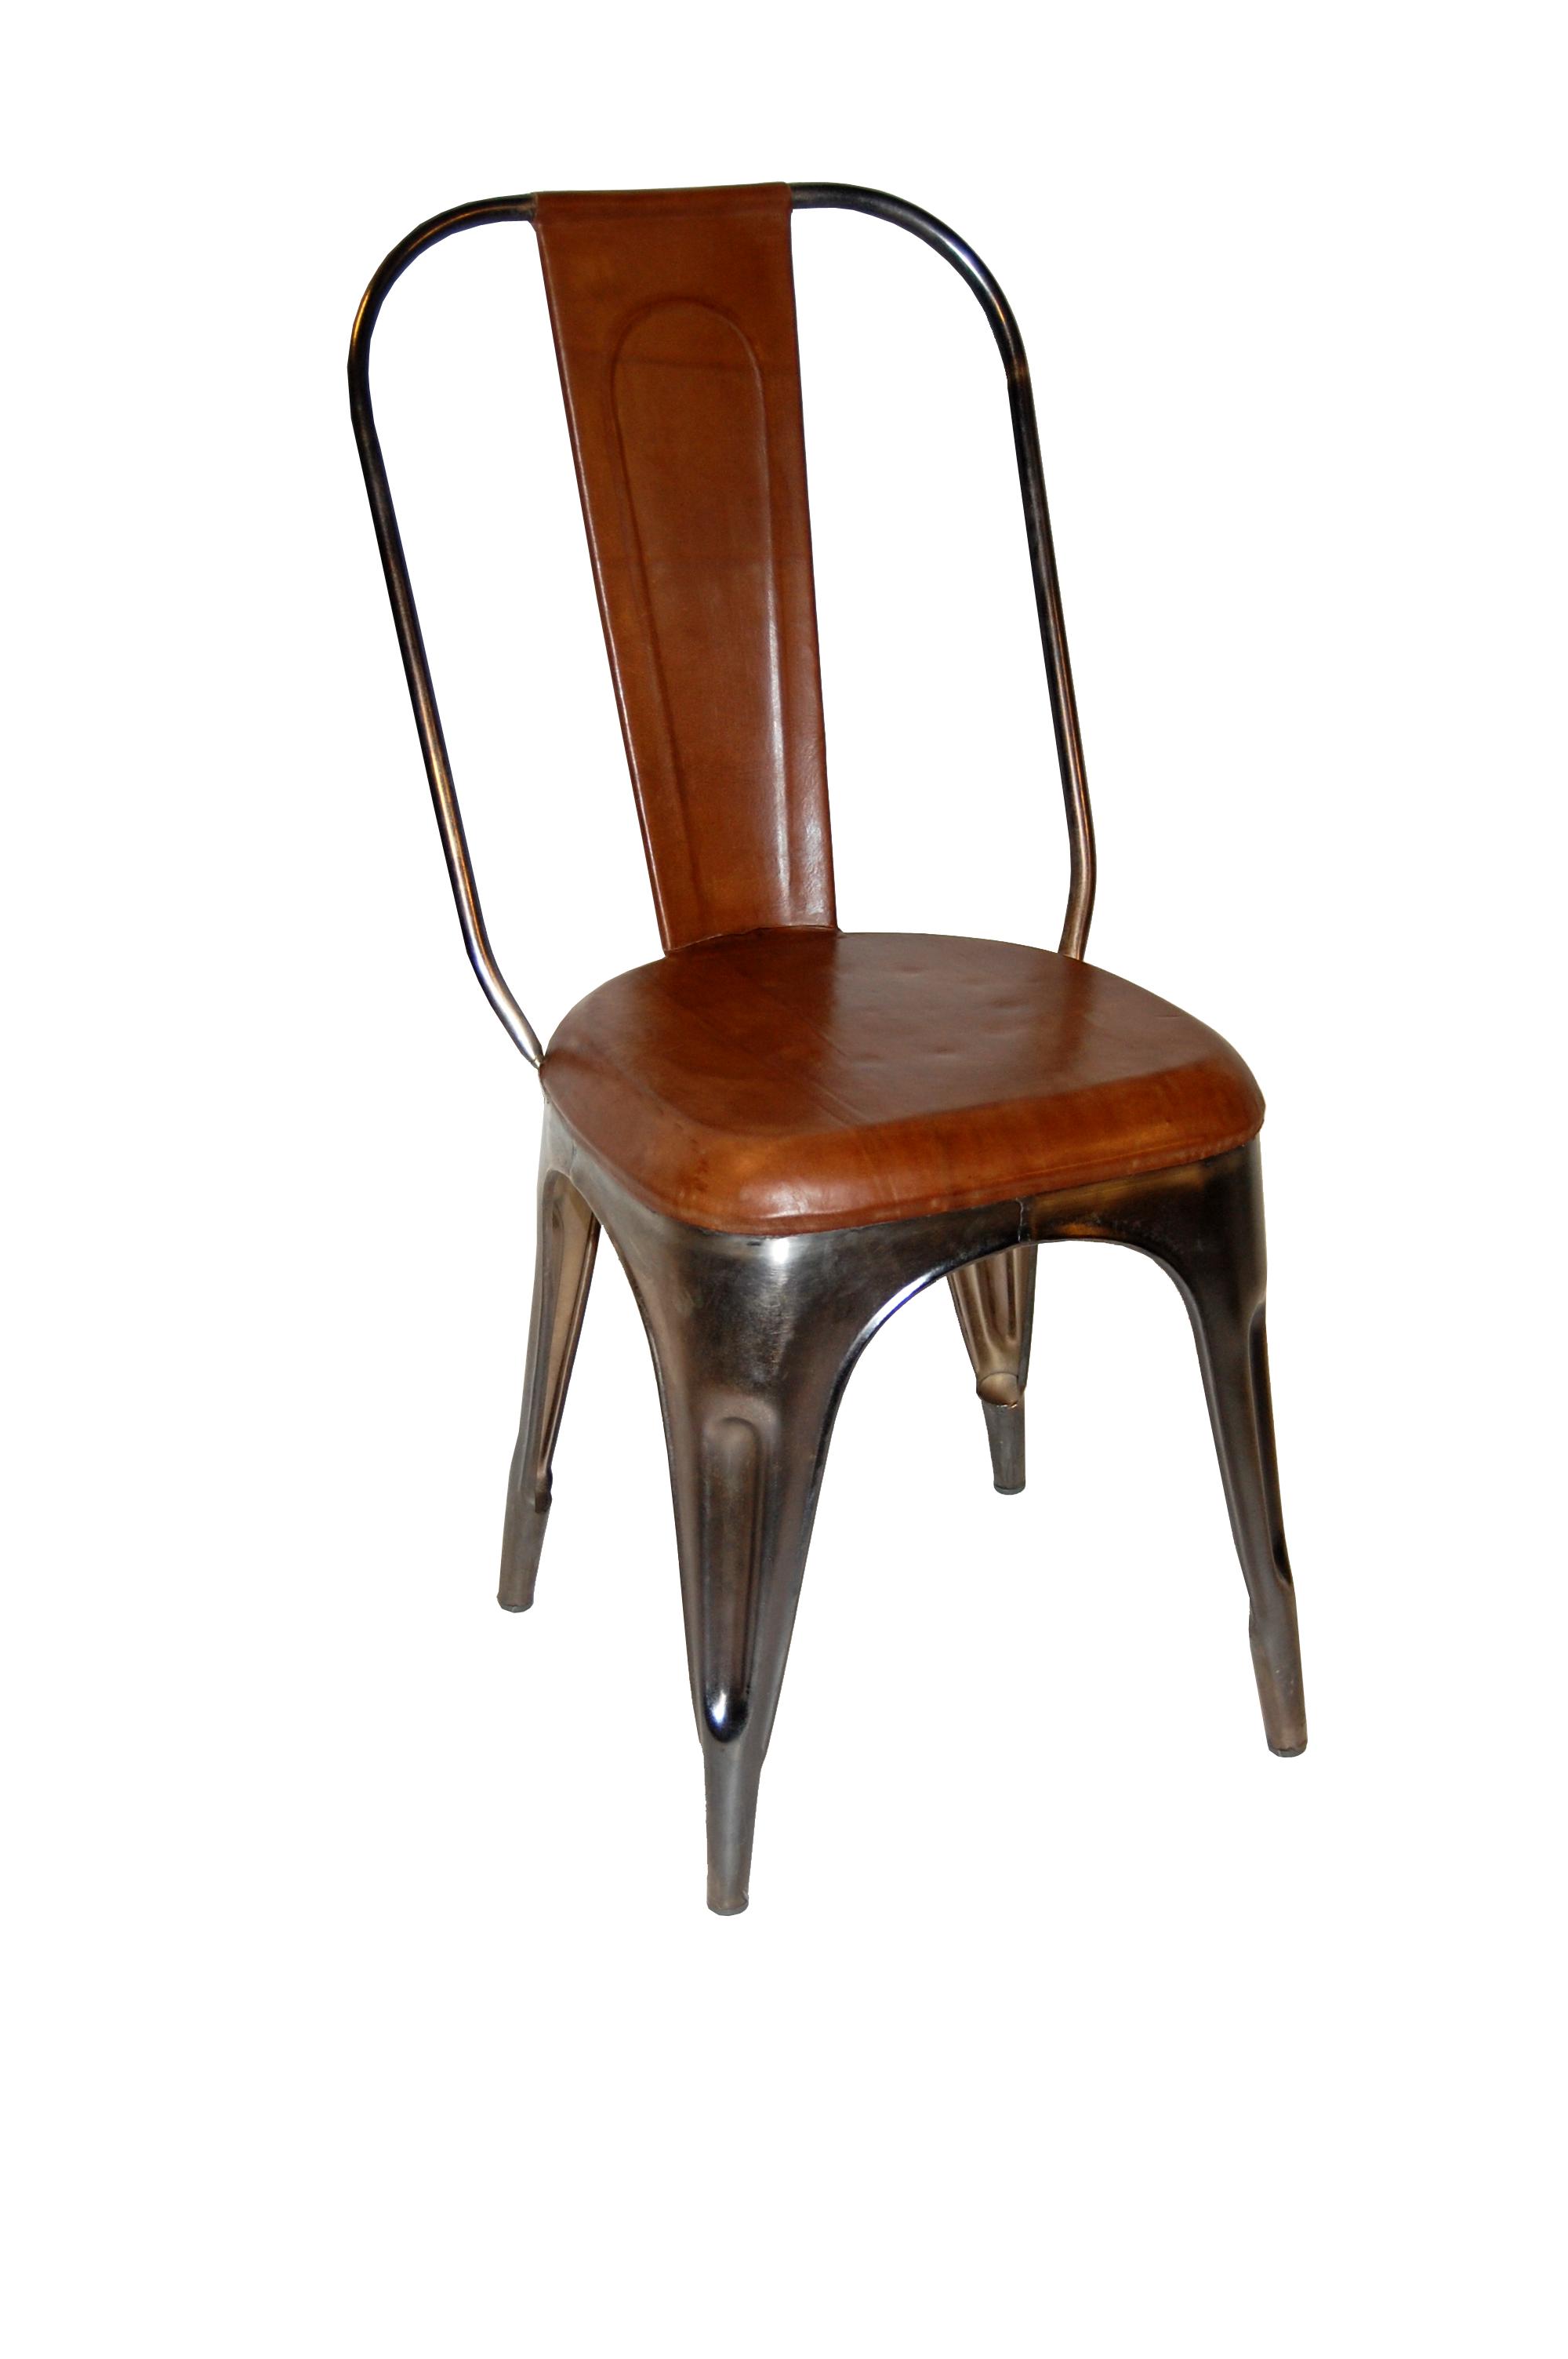 Plåtstol med antikläder